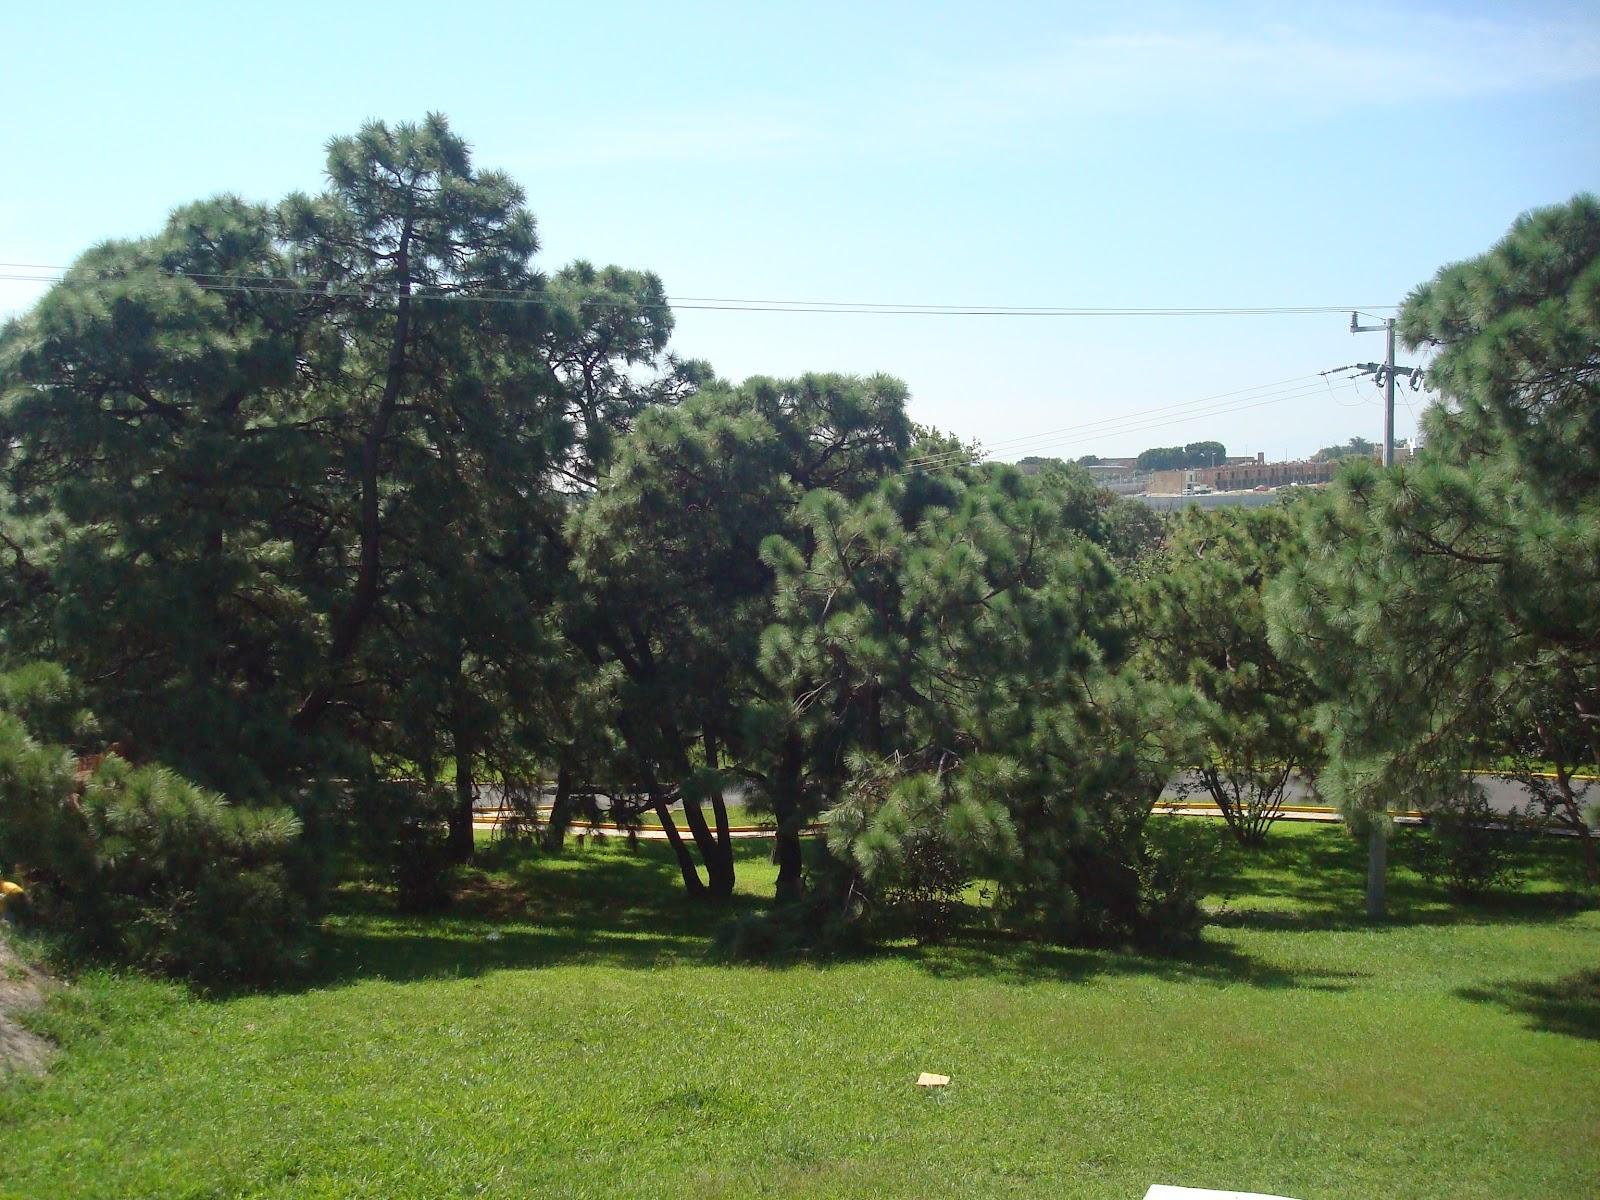 Sancarlosfortin jardin de pinos de pi as - Pinos para jardin ...